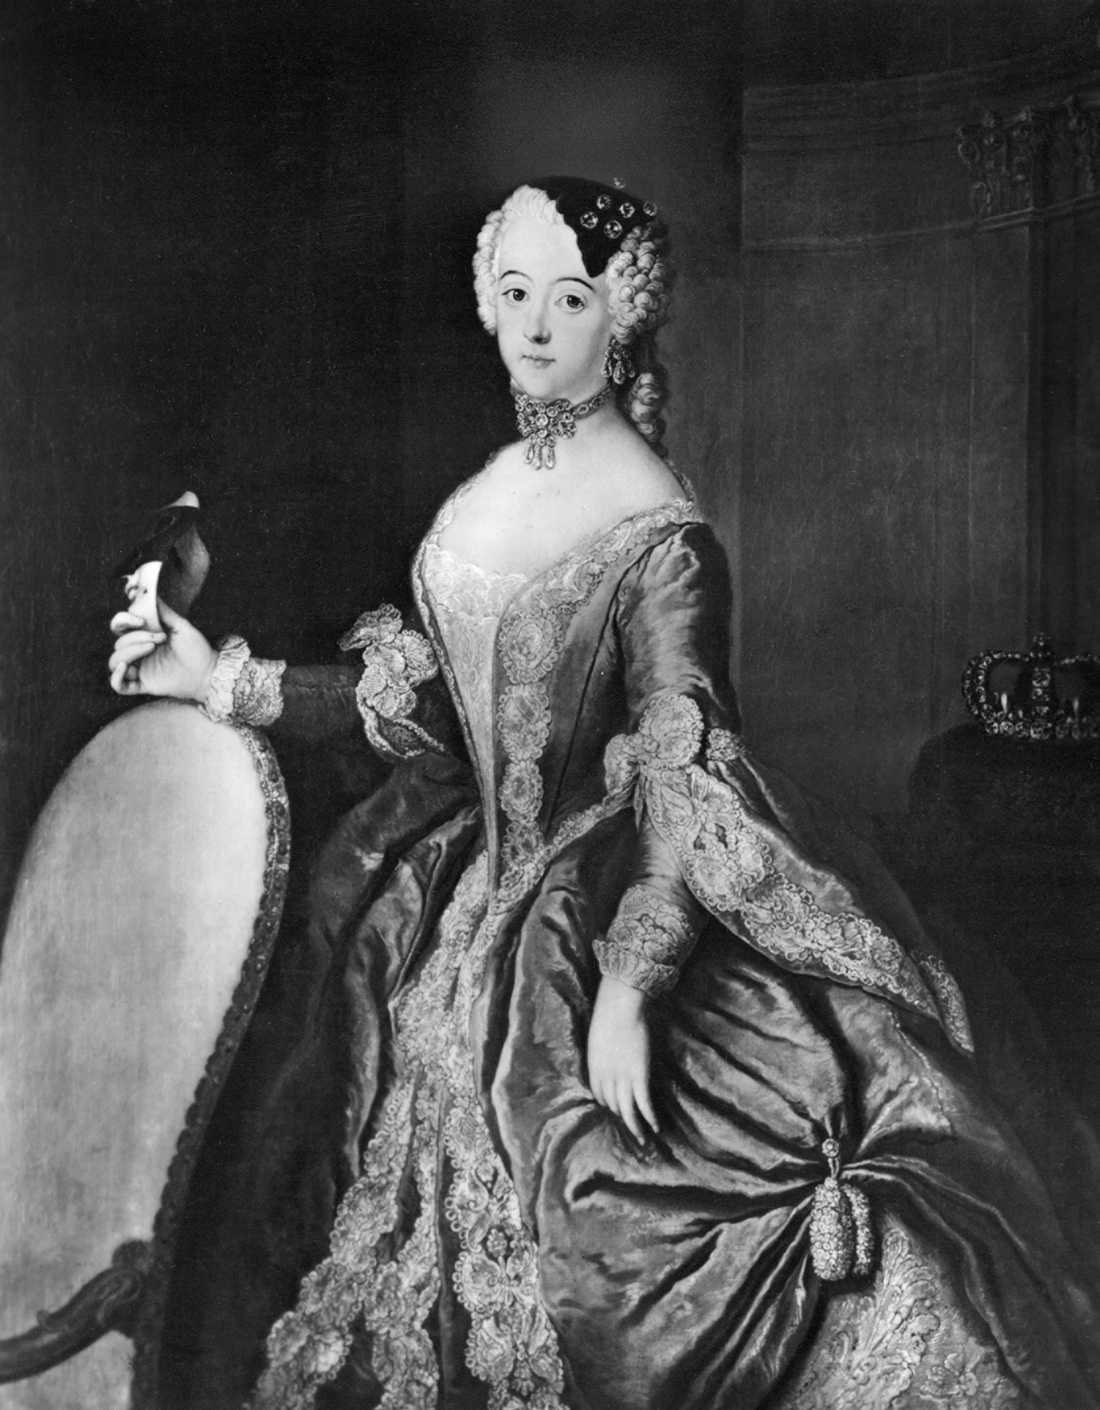 """""""Att den importerade drottningen Lovisa Ulrika fnyste åt de svenska musikerna är nog inget att beklaga eller förundras över. Hennes preussiska erfarenheter av opera (som ju inte framförts i Stockholm sedan Kristinas tid, och inte skulle spelas förrän under Gustav III) och instrumentalmusik var helt enkelt av så mycket högre halt än vad hon mötte i Sverige."""""""